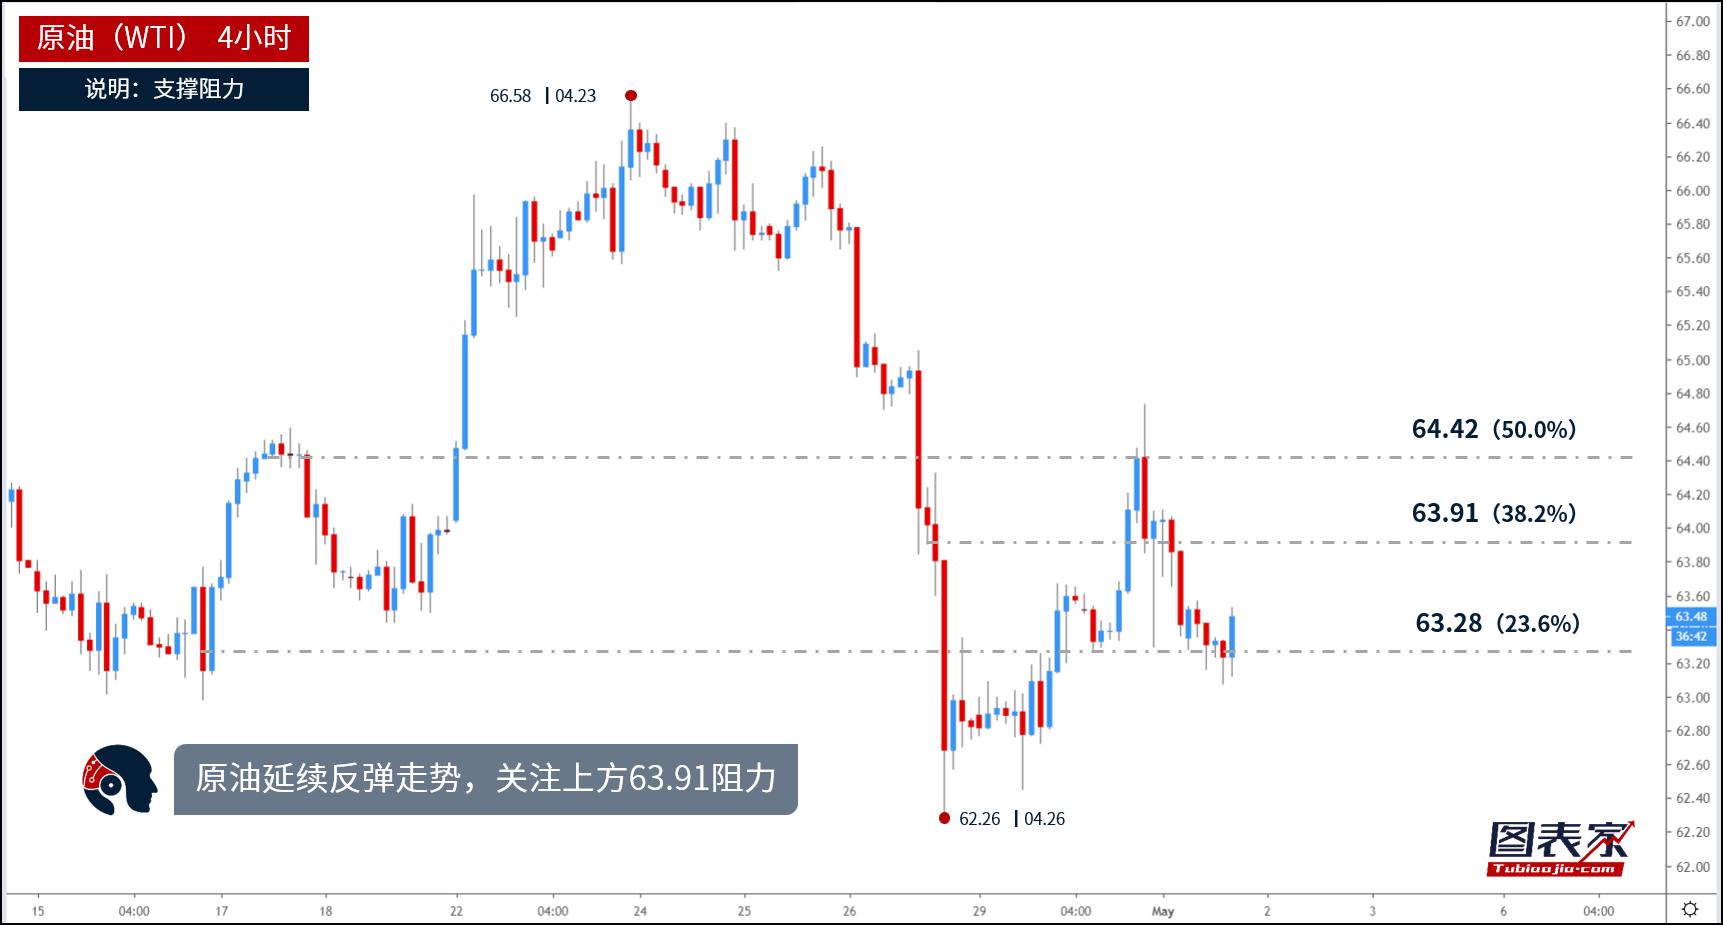 图为原油2小时走势,原油在此前大幅下挫后反弹上涨,同时油价又受斐波那契23.6%回调位63.28的支撑,预计油价将继续上涨。